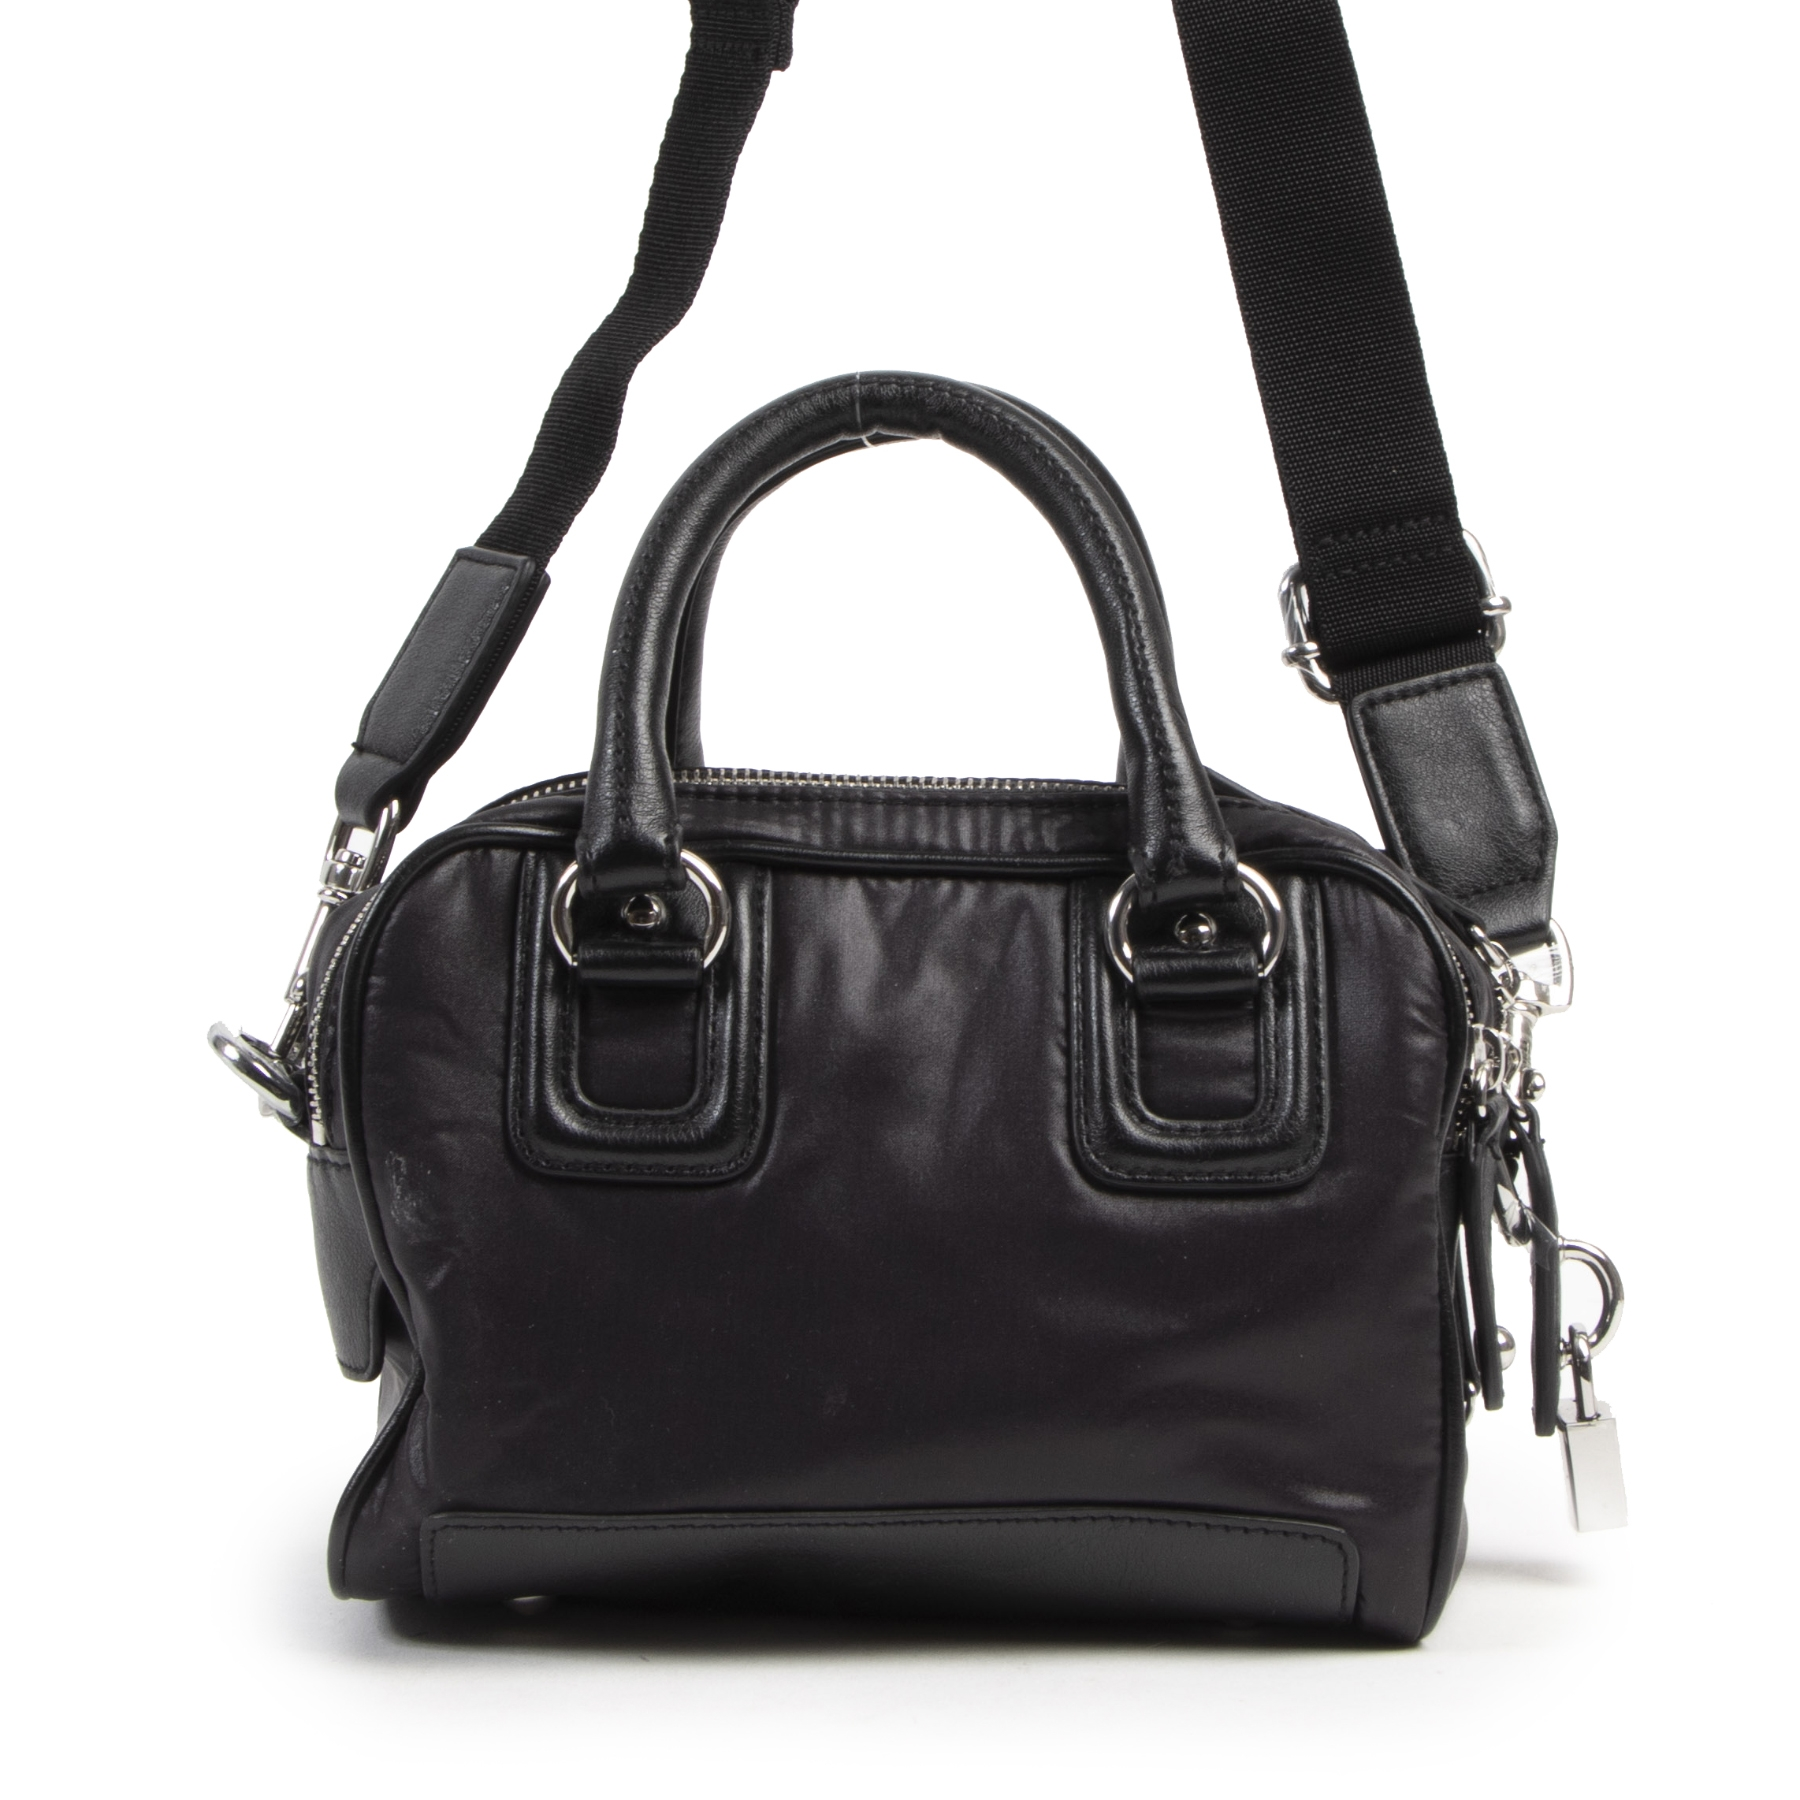 Authentieke Tweedehands Dolce & Gabbana Junior Black Mini Bag juiste prijs veilig online shoppen luxe merken webshop winkelen Antwerpen België mode fashion